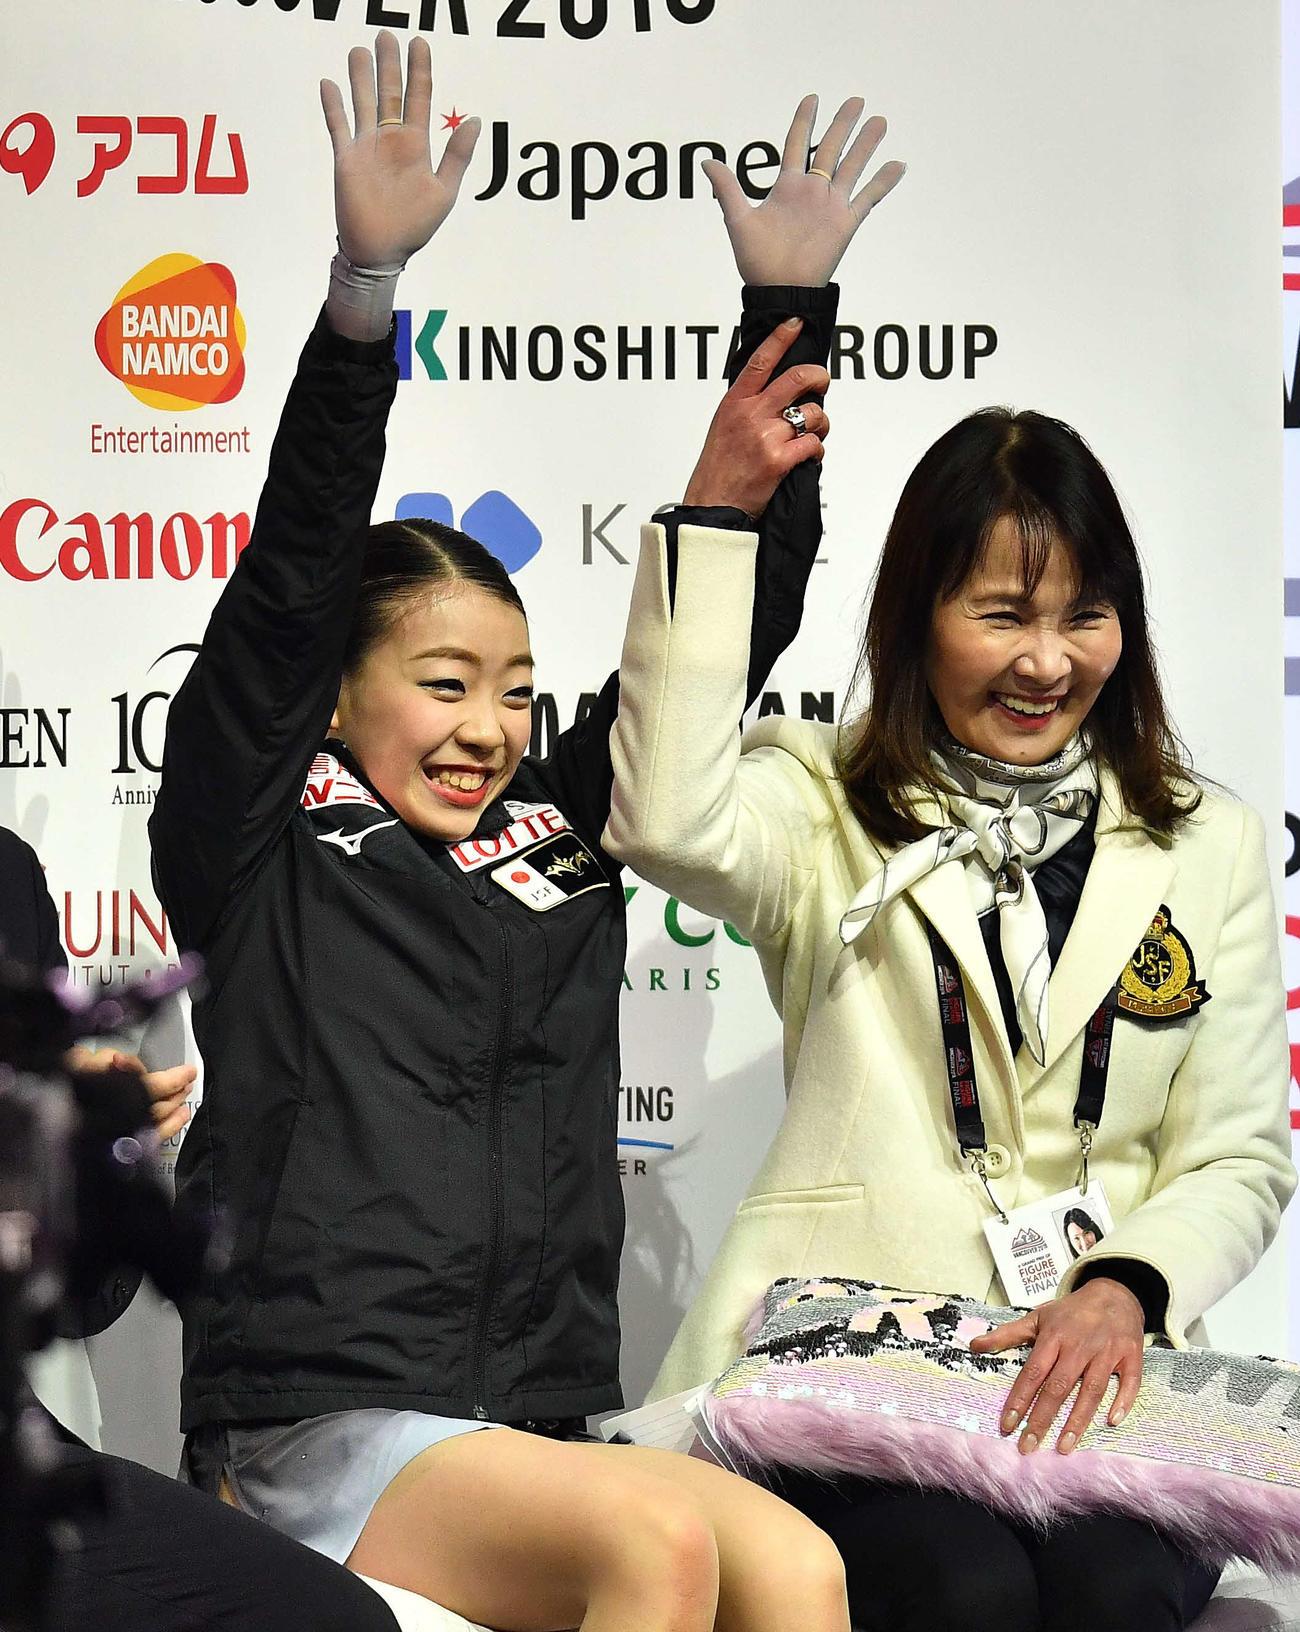 18年12月、フィギュアスケートGPファイナルで優勝が決まり、両手を上げる紀平梨花(左)と浜田美栄コーチ